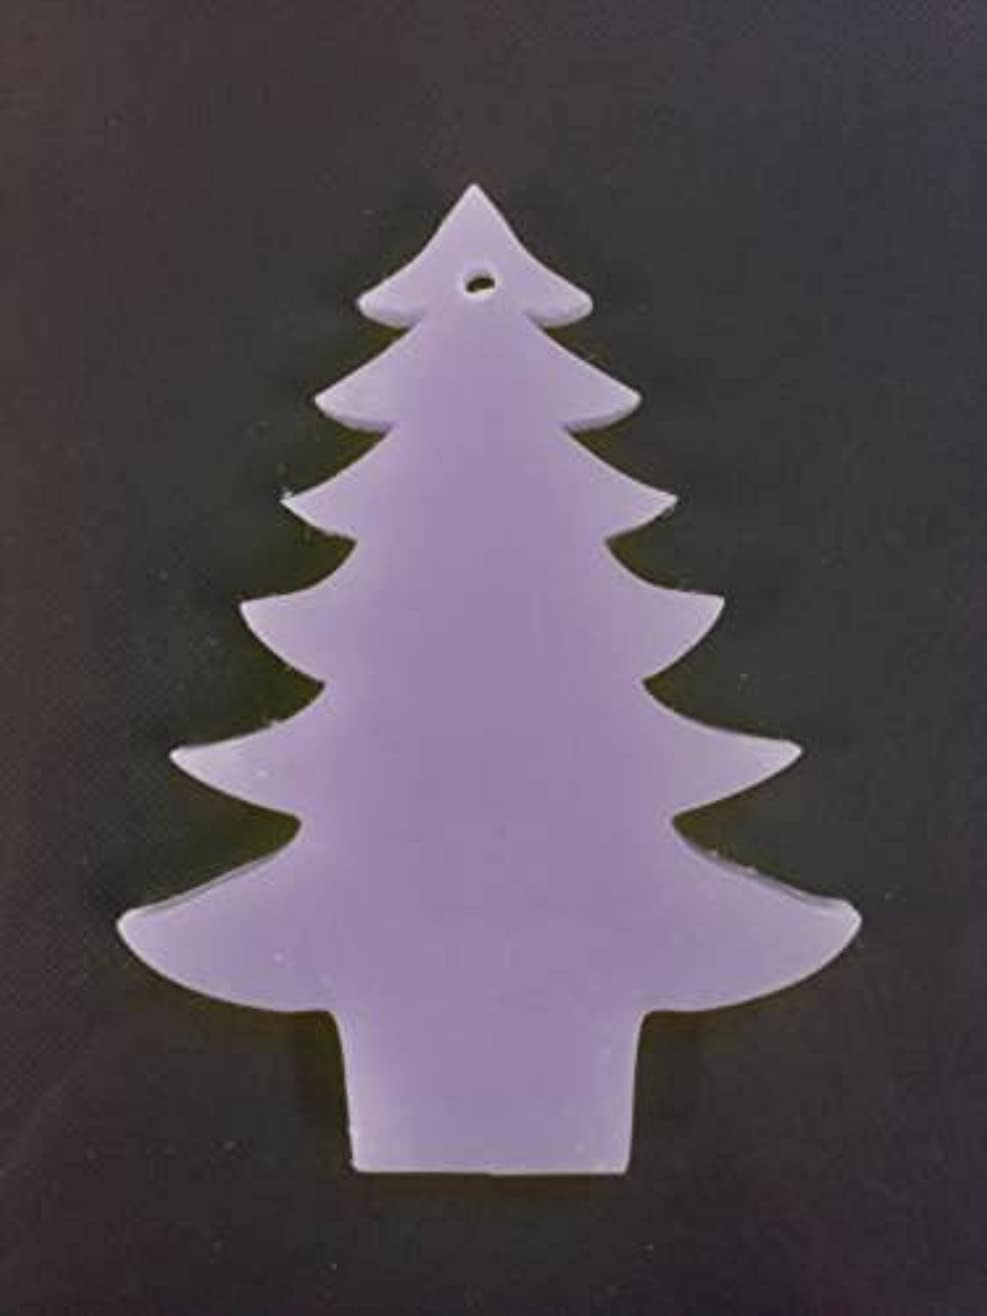 ピアース結び目研磨剤GRASSE TOKYO AROMATICWAXチャーム「ツリー」(PU) ラベンダー アロマティックワックス グラーストウキョウ